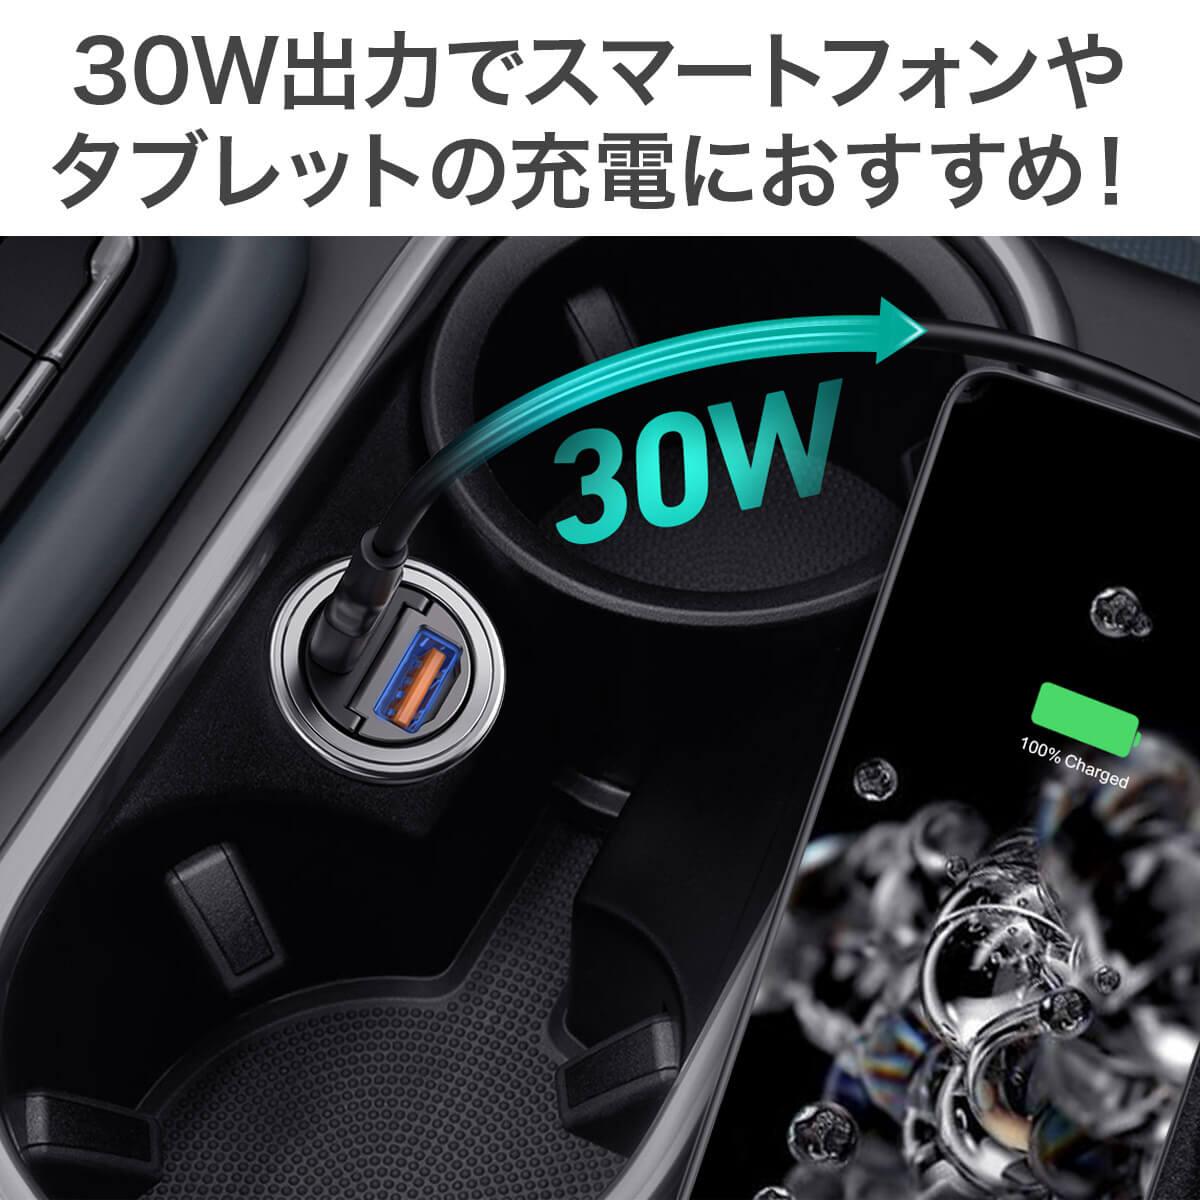 Nano Series 30W 2020114